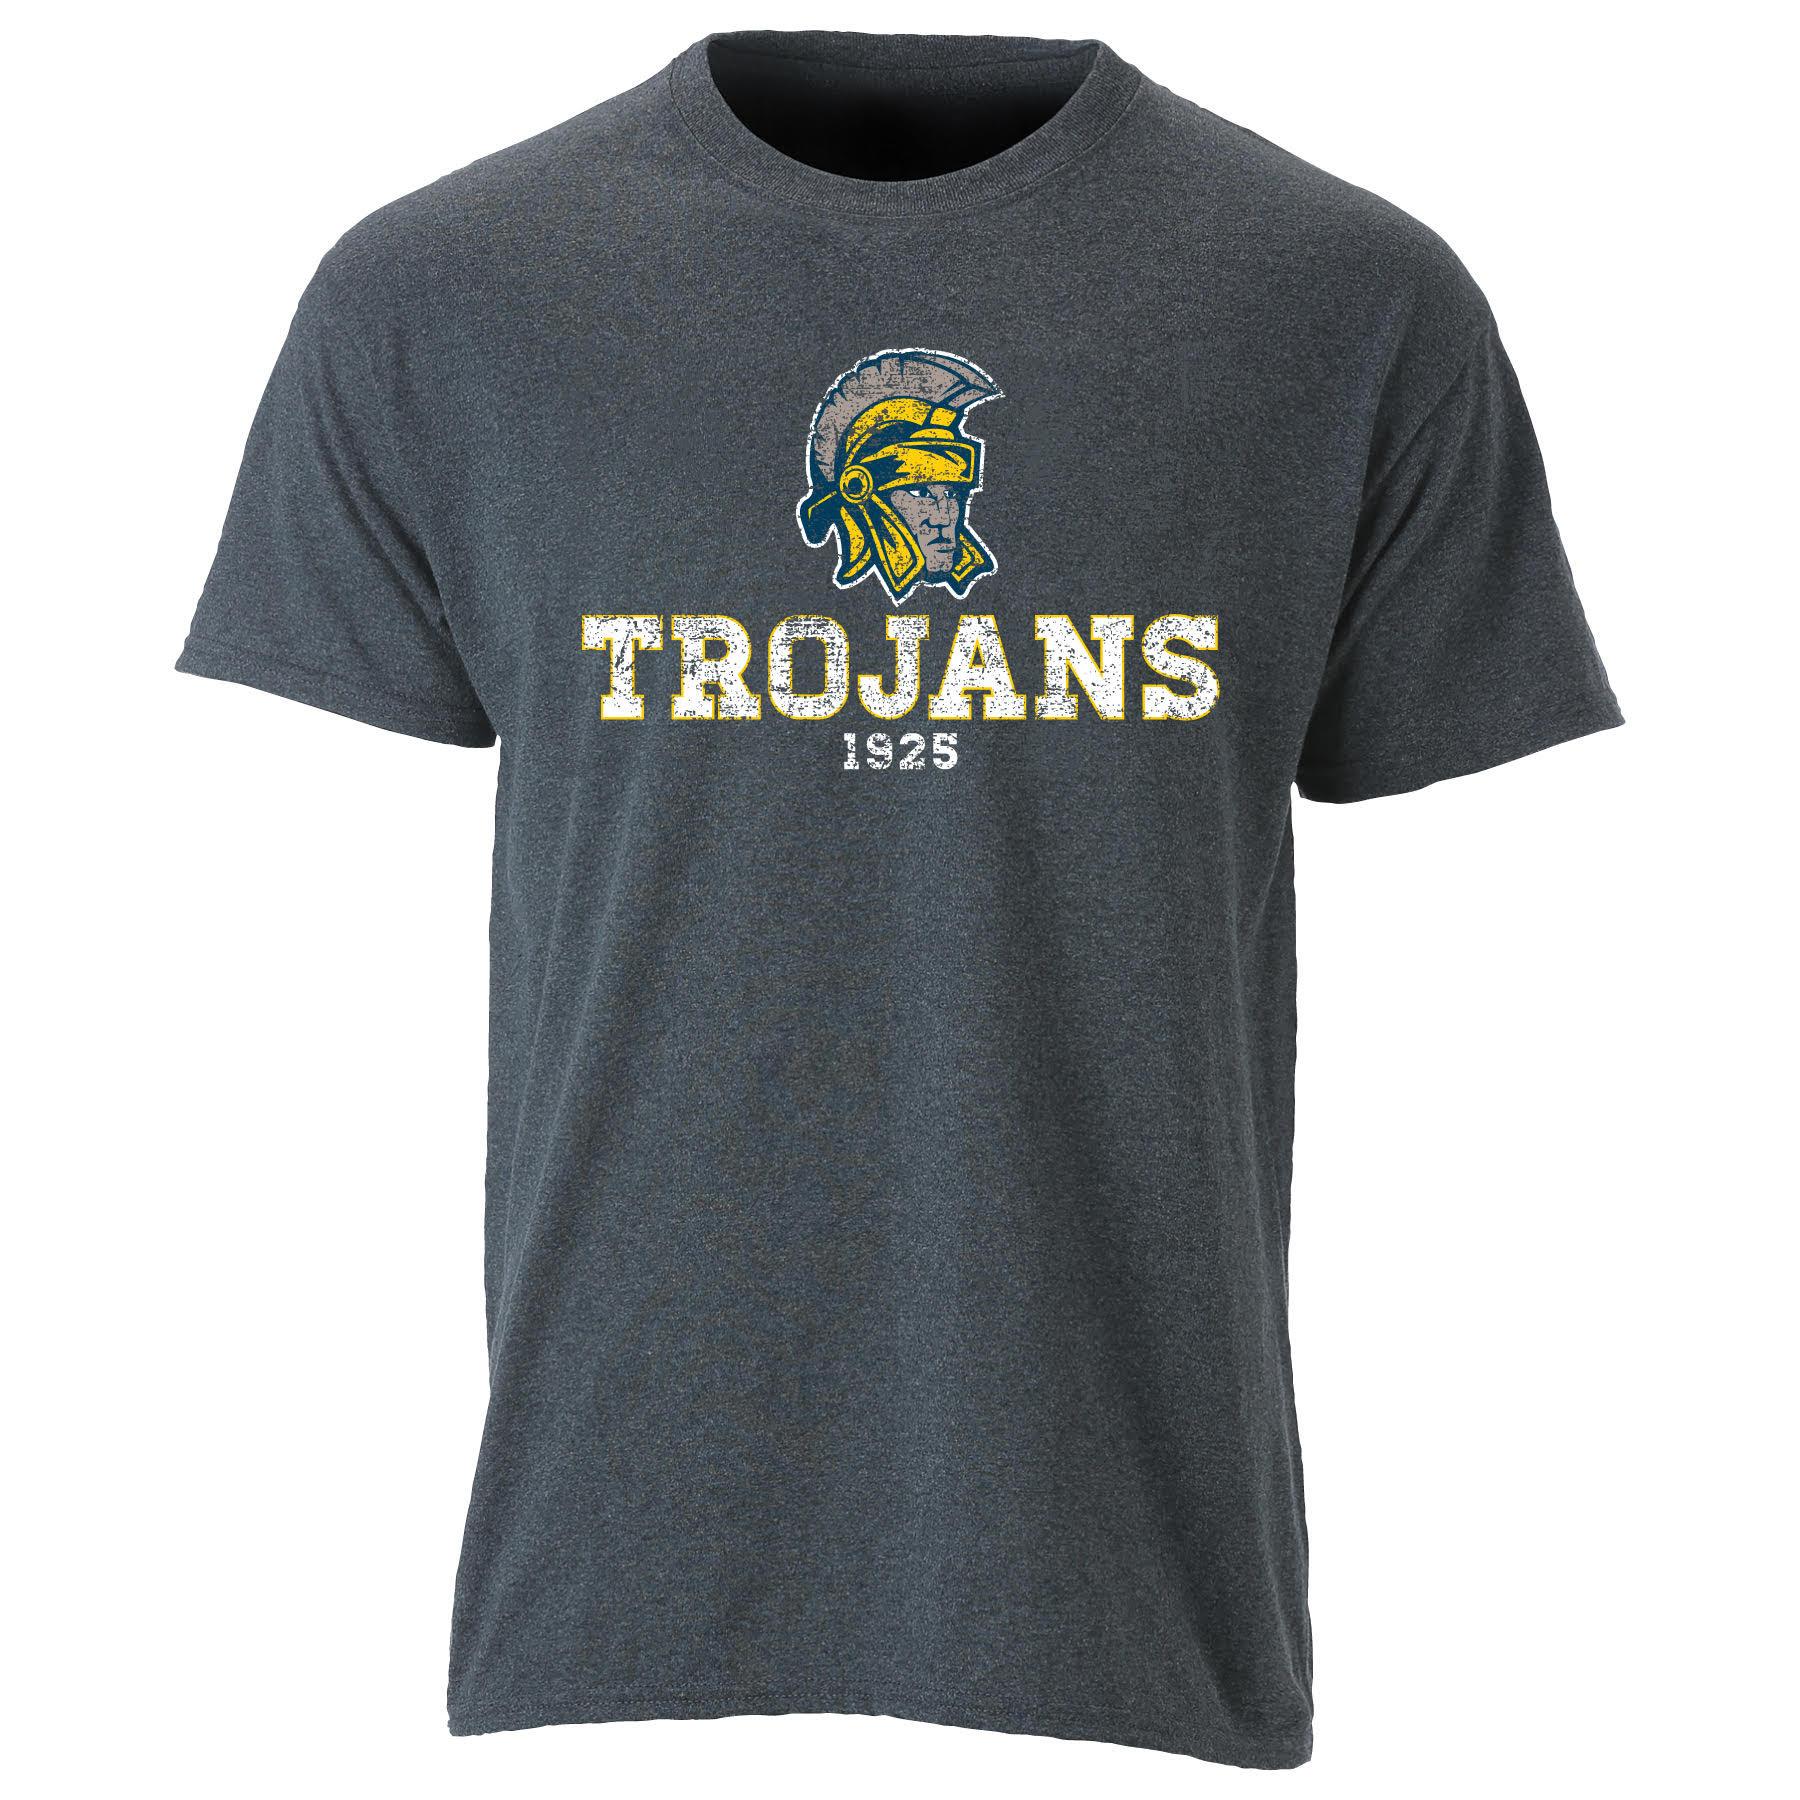 Trojans 1925